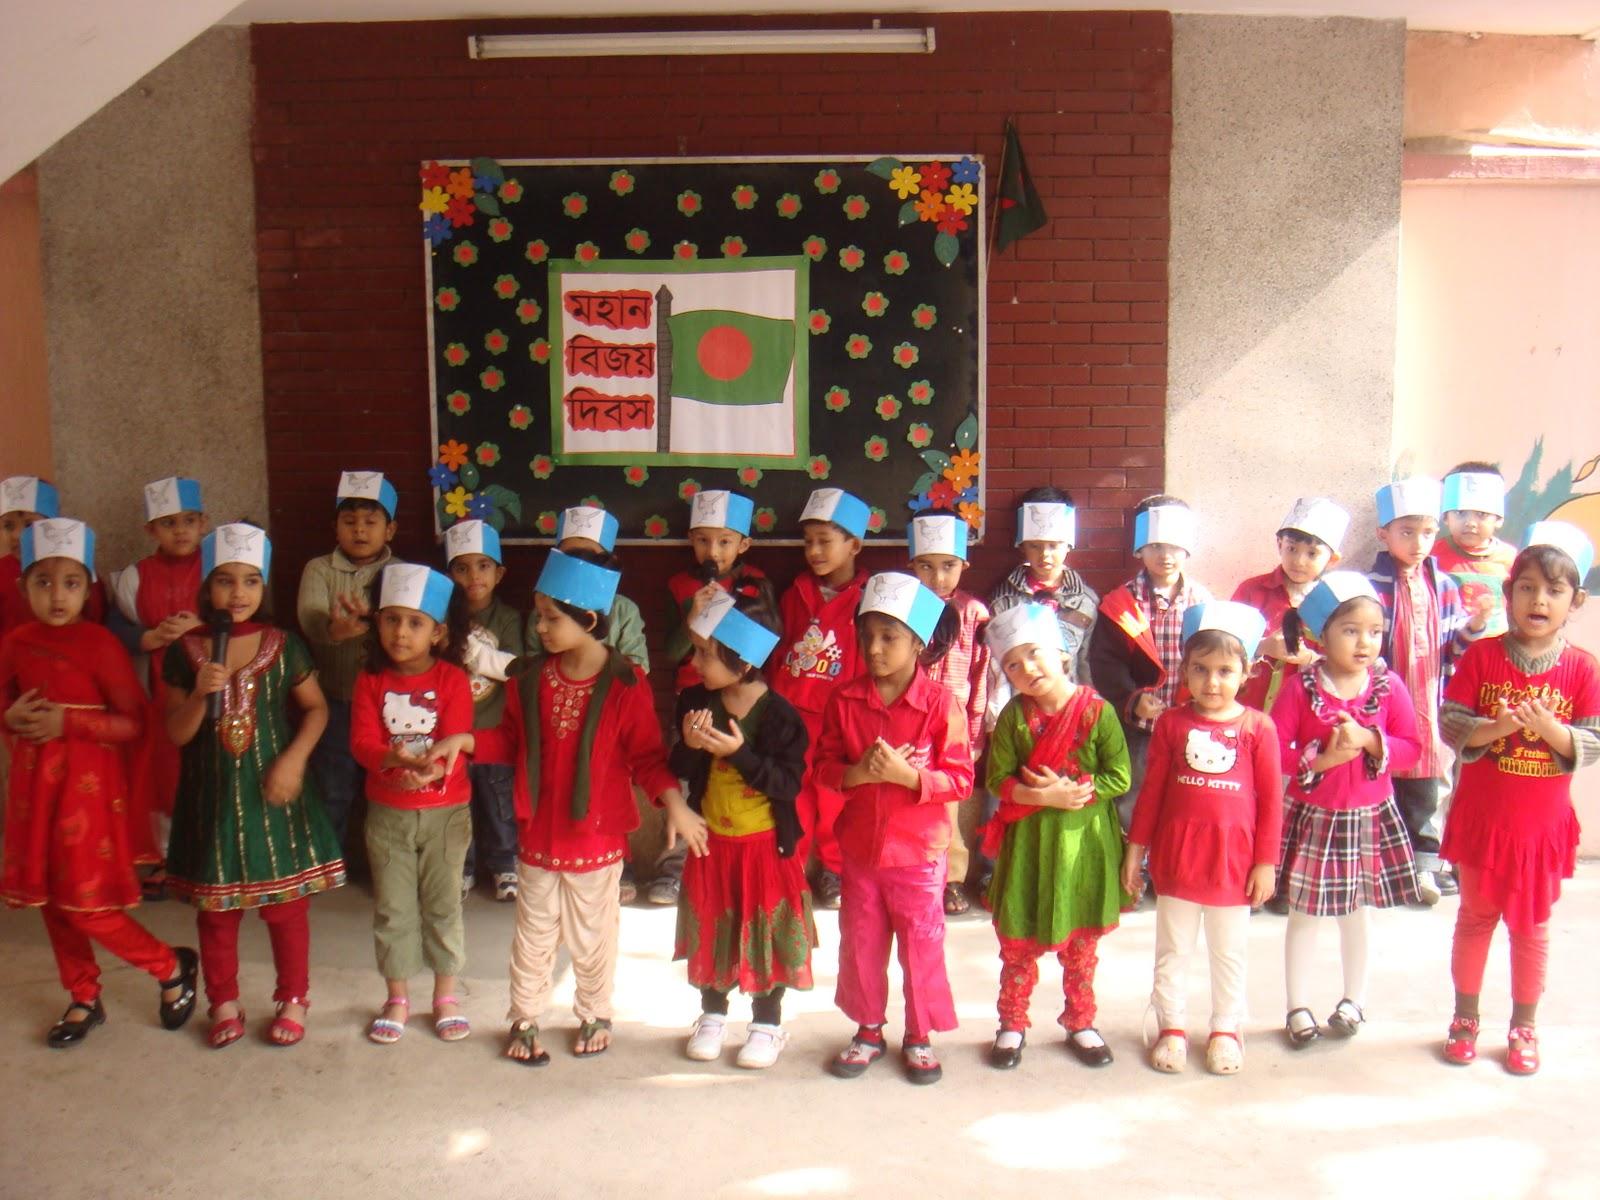 Dance bangla dance 2011